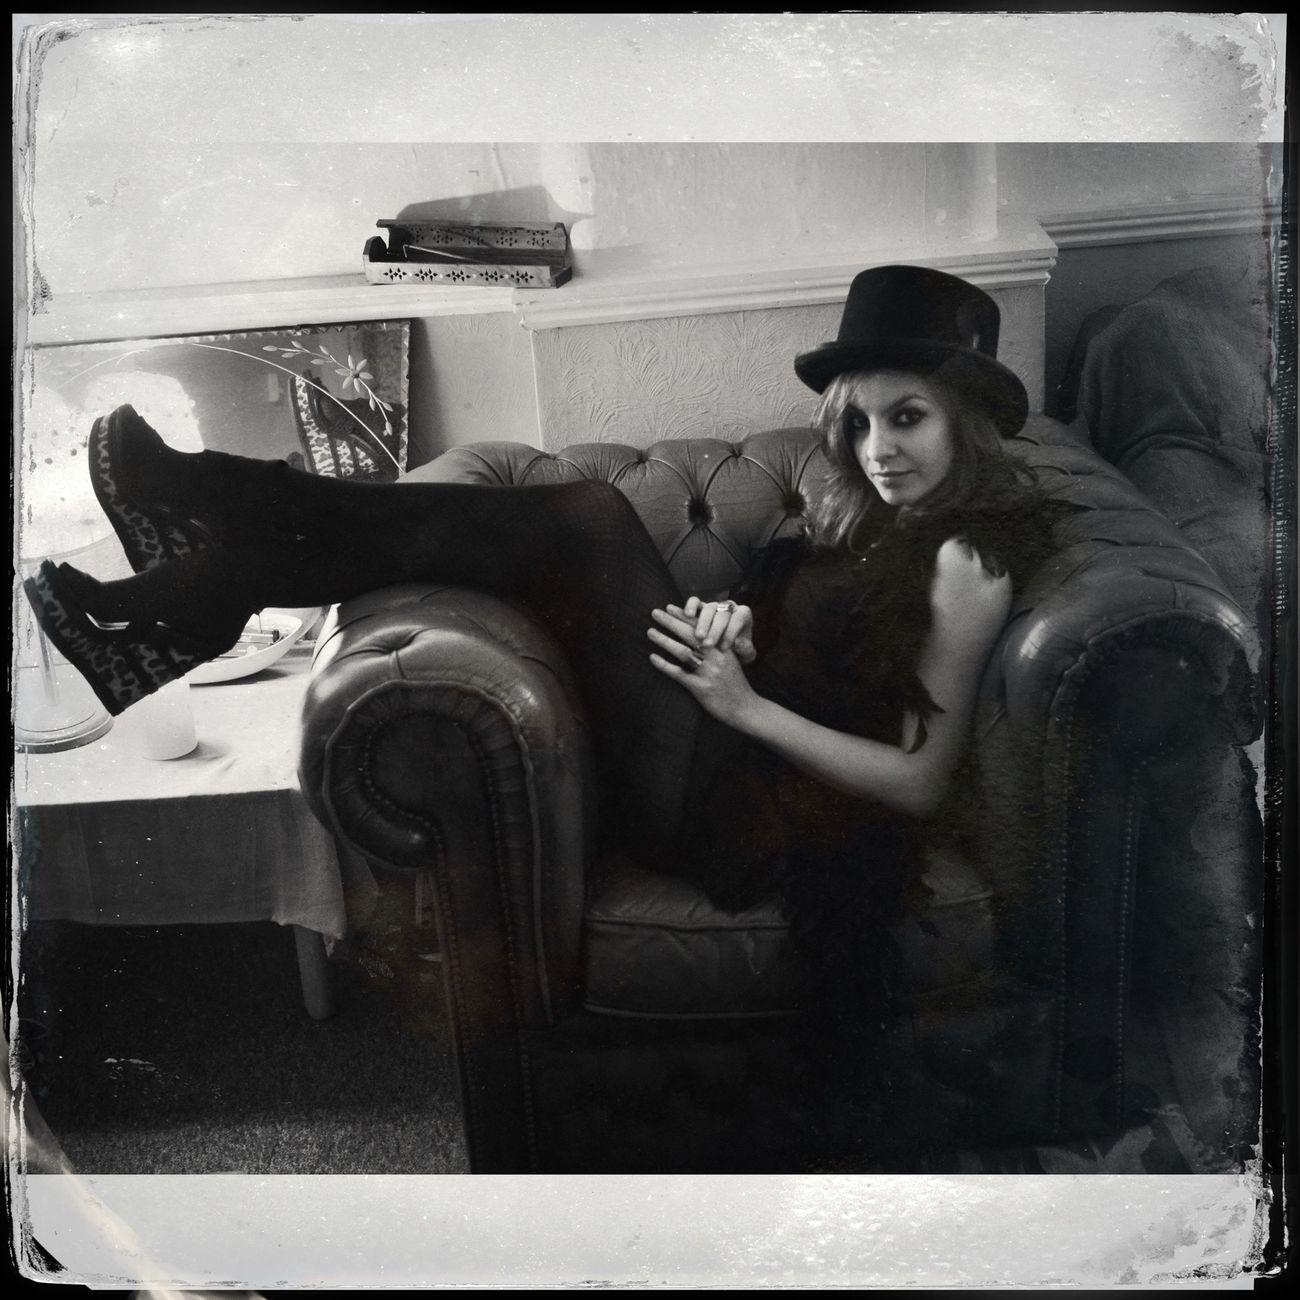 Portrait of Layla on my couch WeAreJuxt.com AMPt_community NEM Memories Shootermag